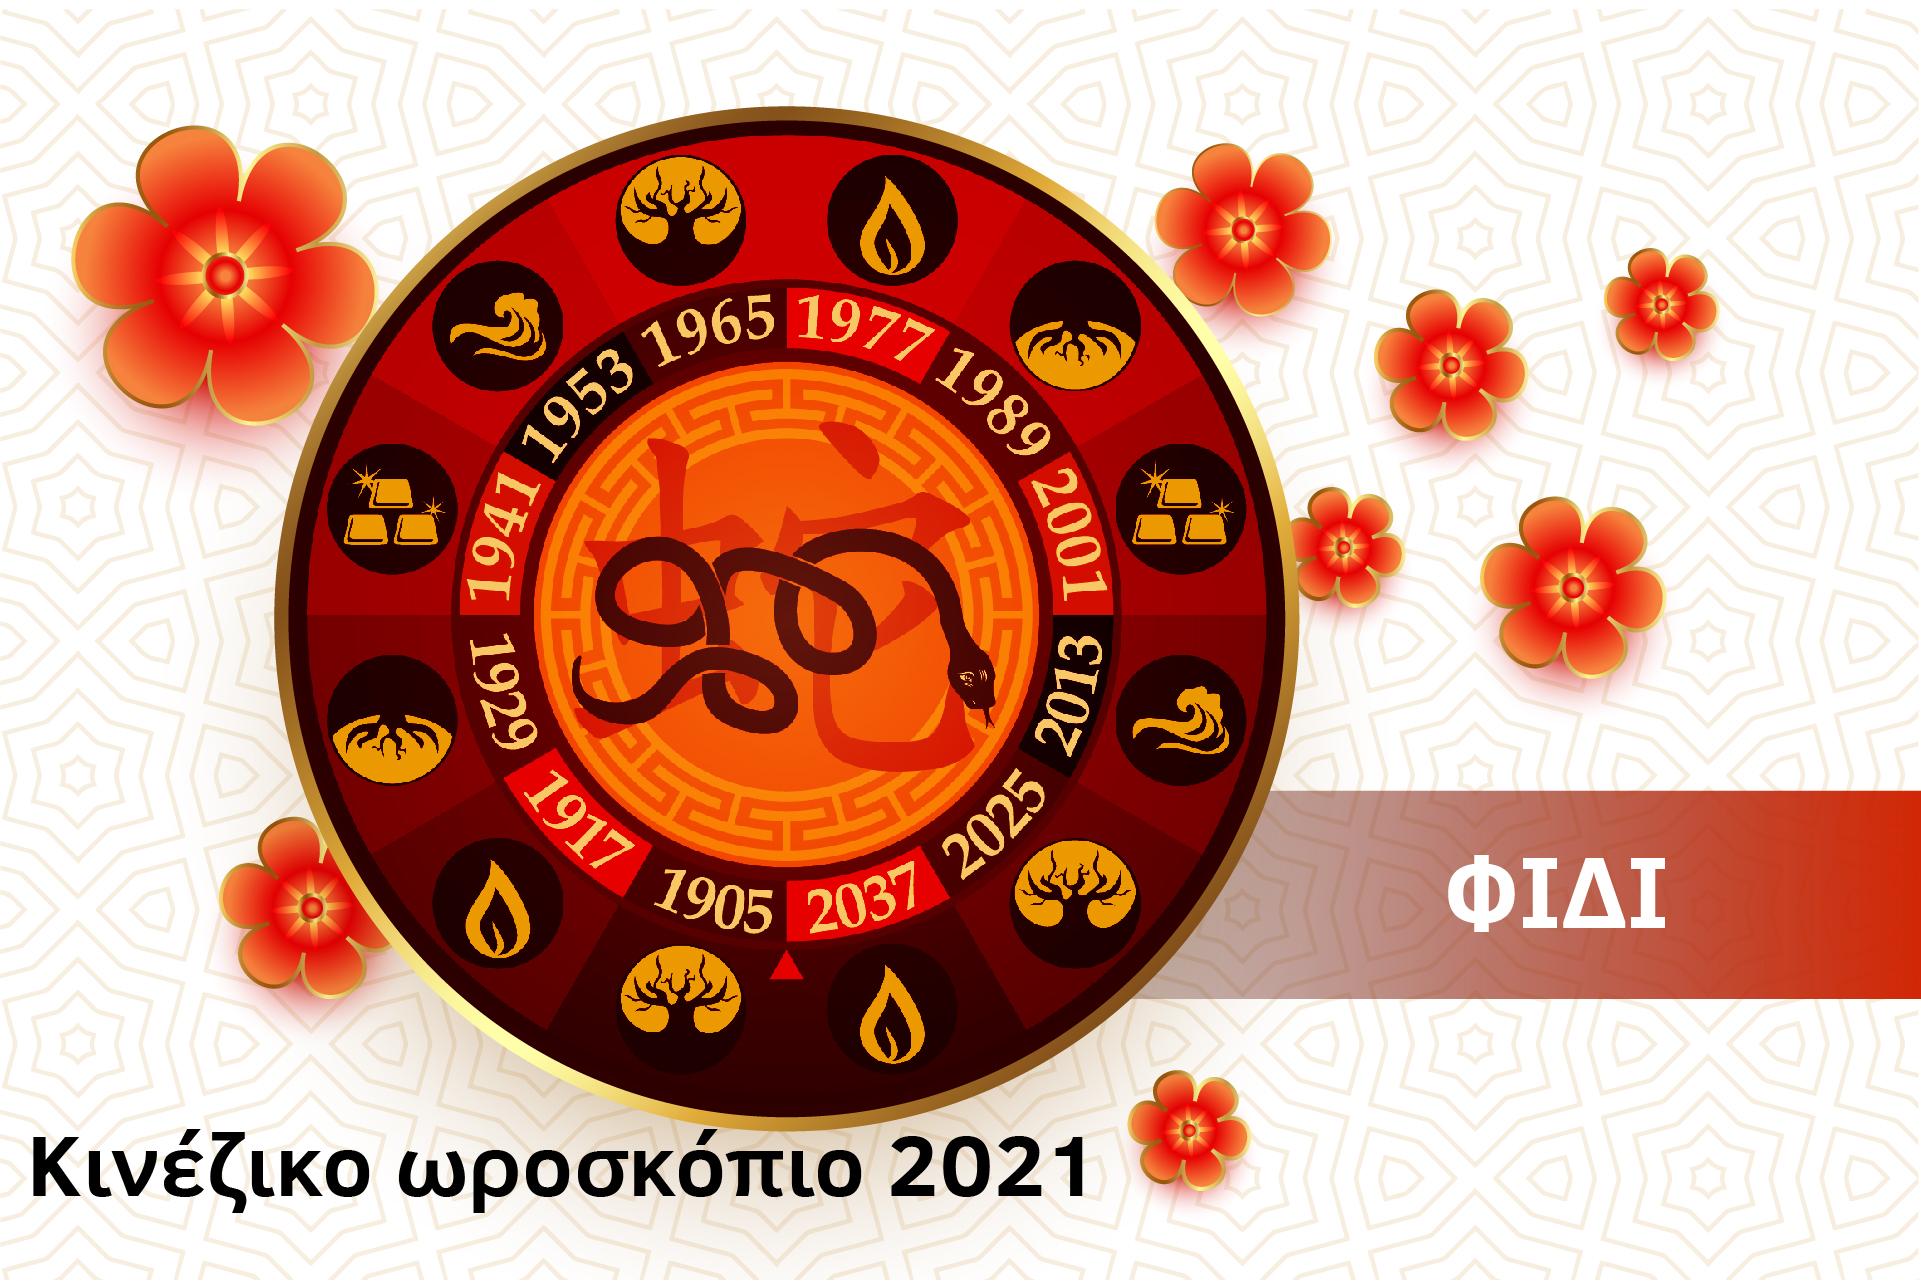 Φίδι 2021 – Κινέζικο Ωροσκόπιο 2021